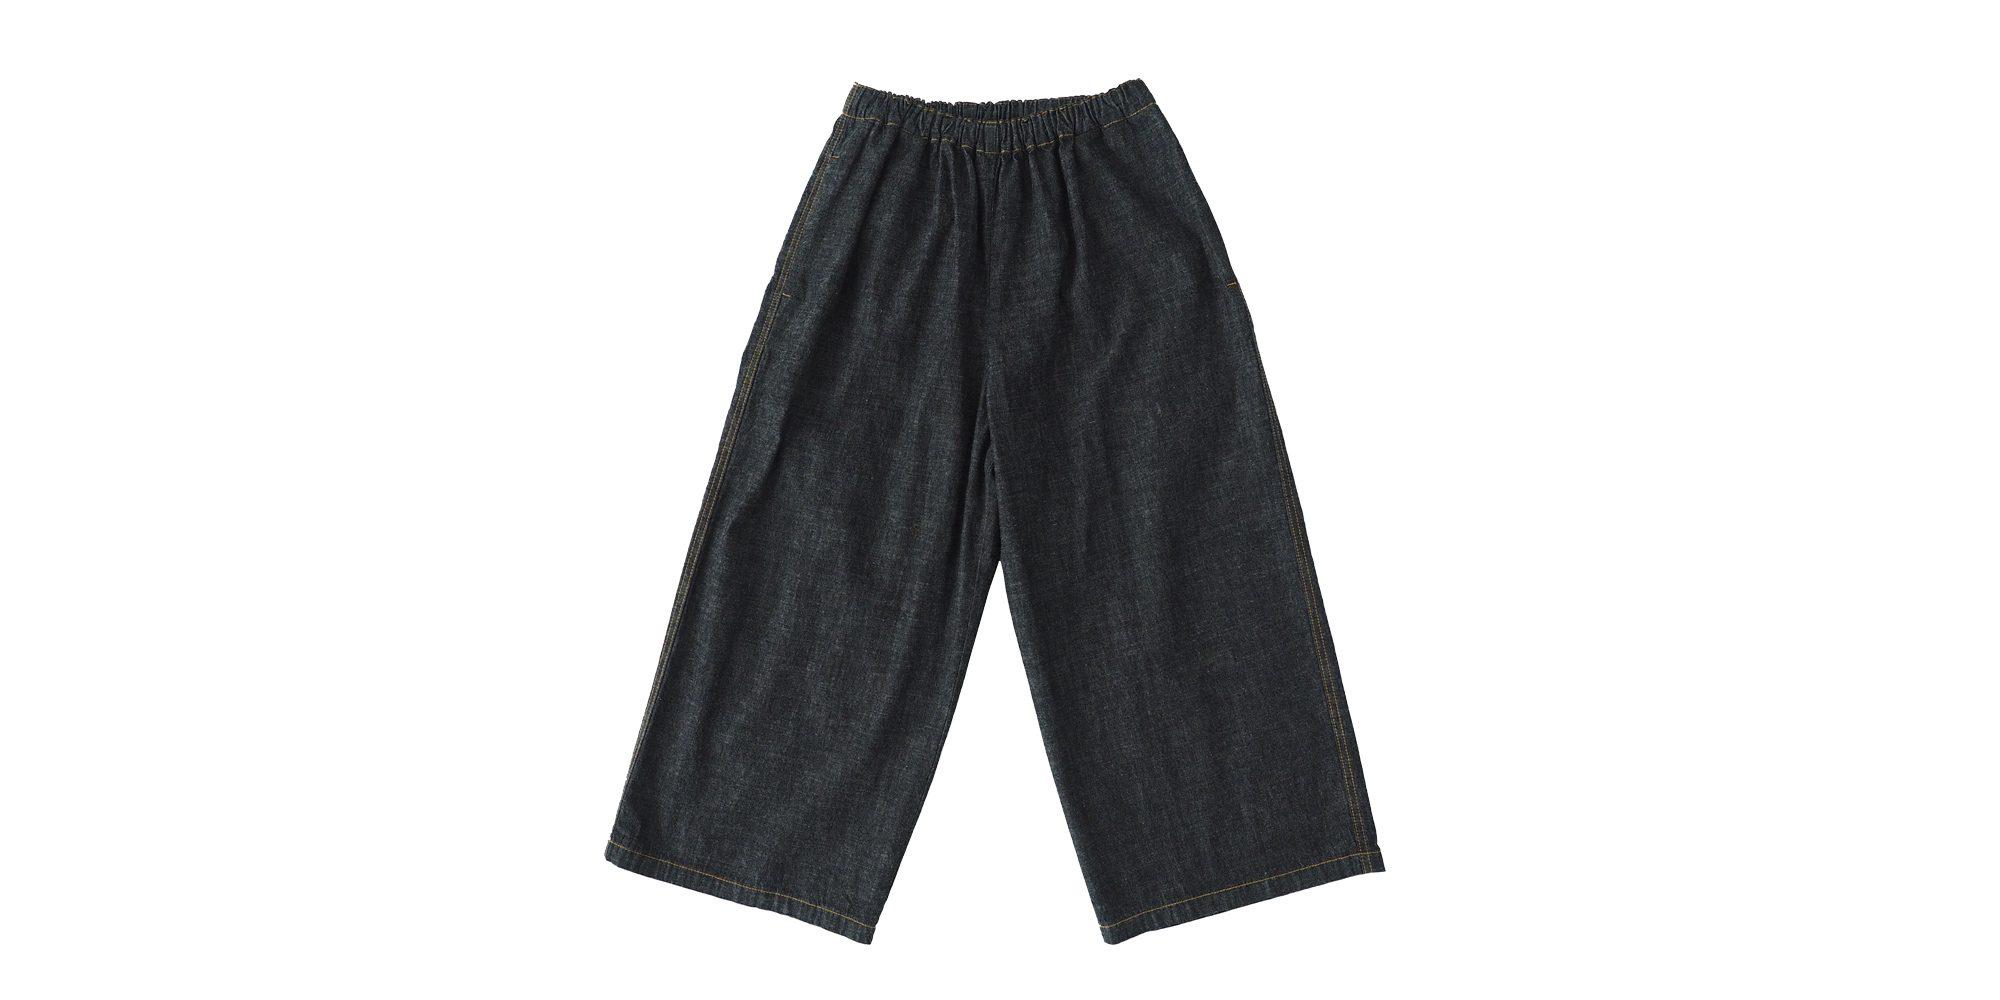 aa.デニムの幅広パンツ